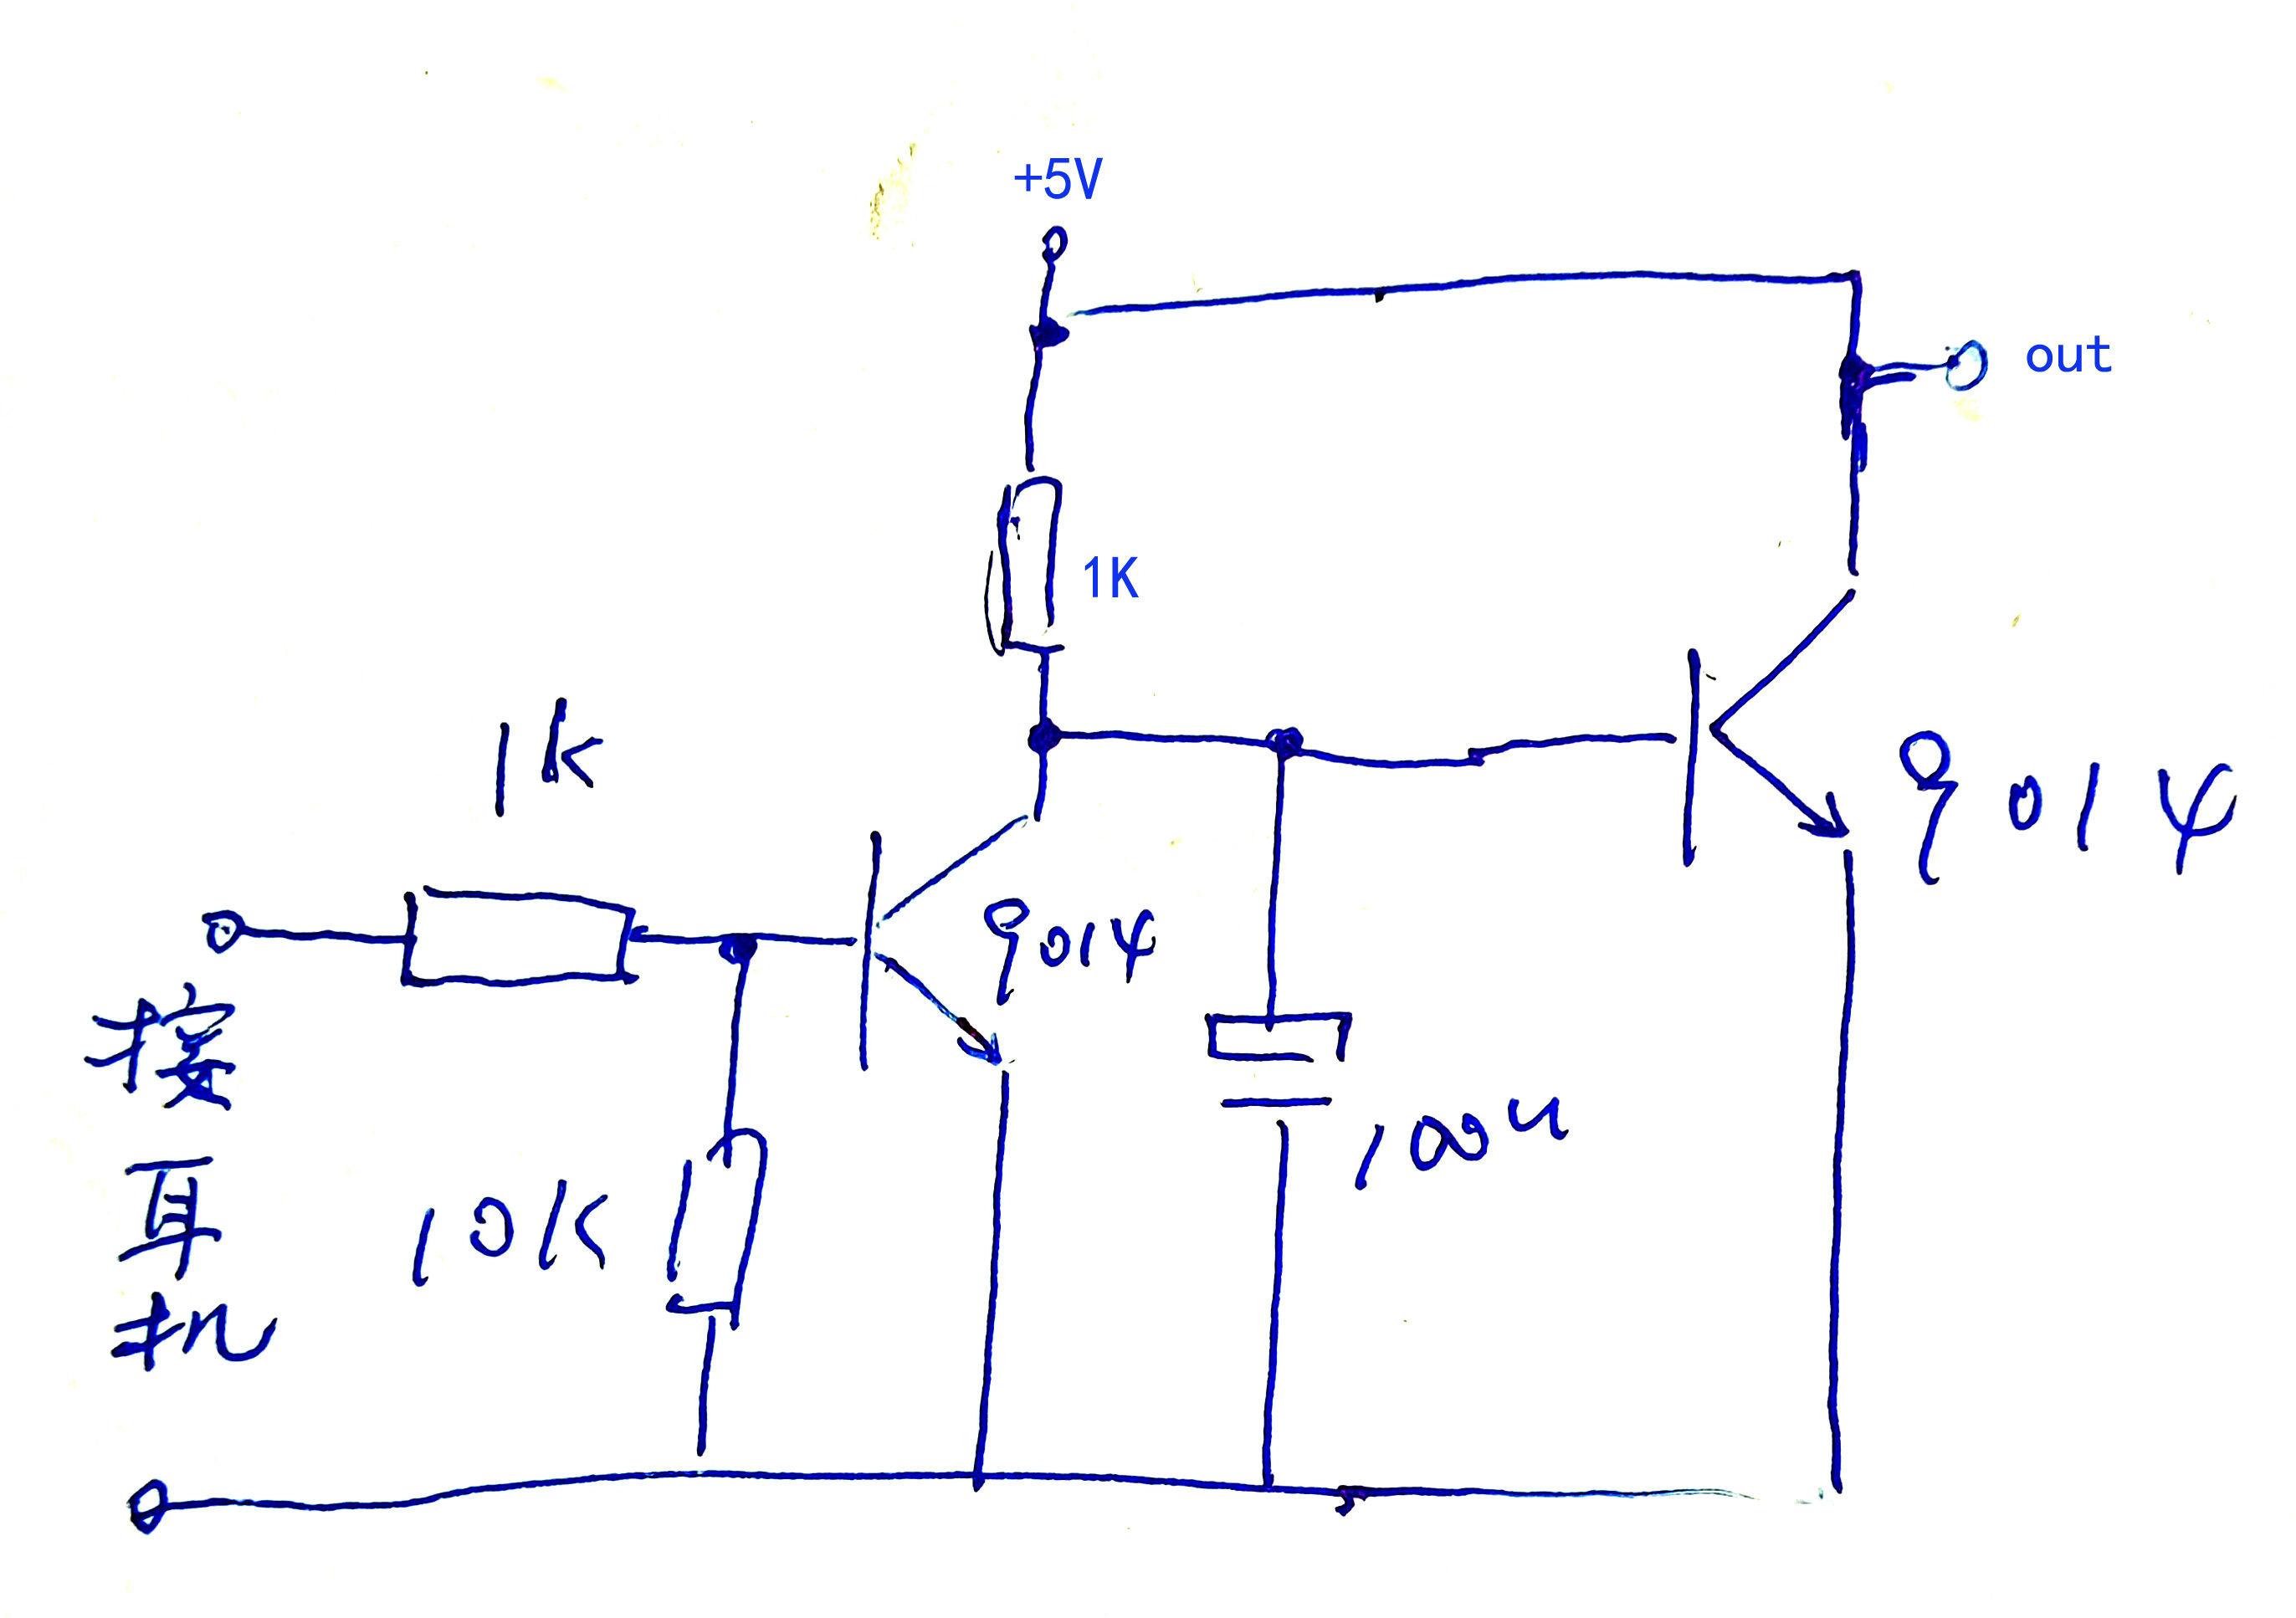 三极管8050做开关电路,用蓝牙耳机的声音输入基极,无法让三极管导通